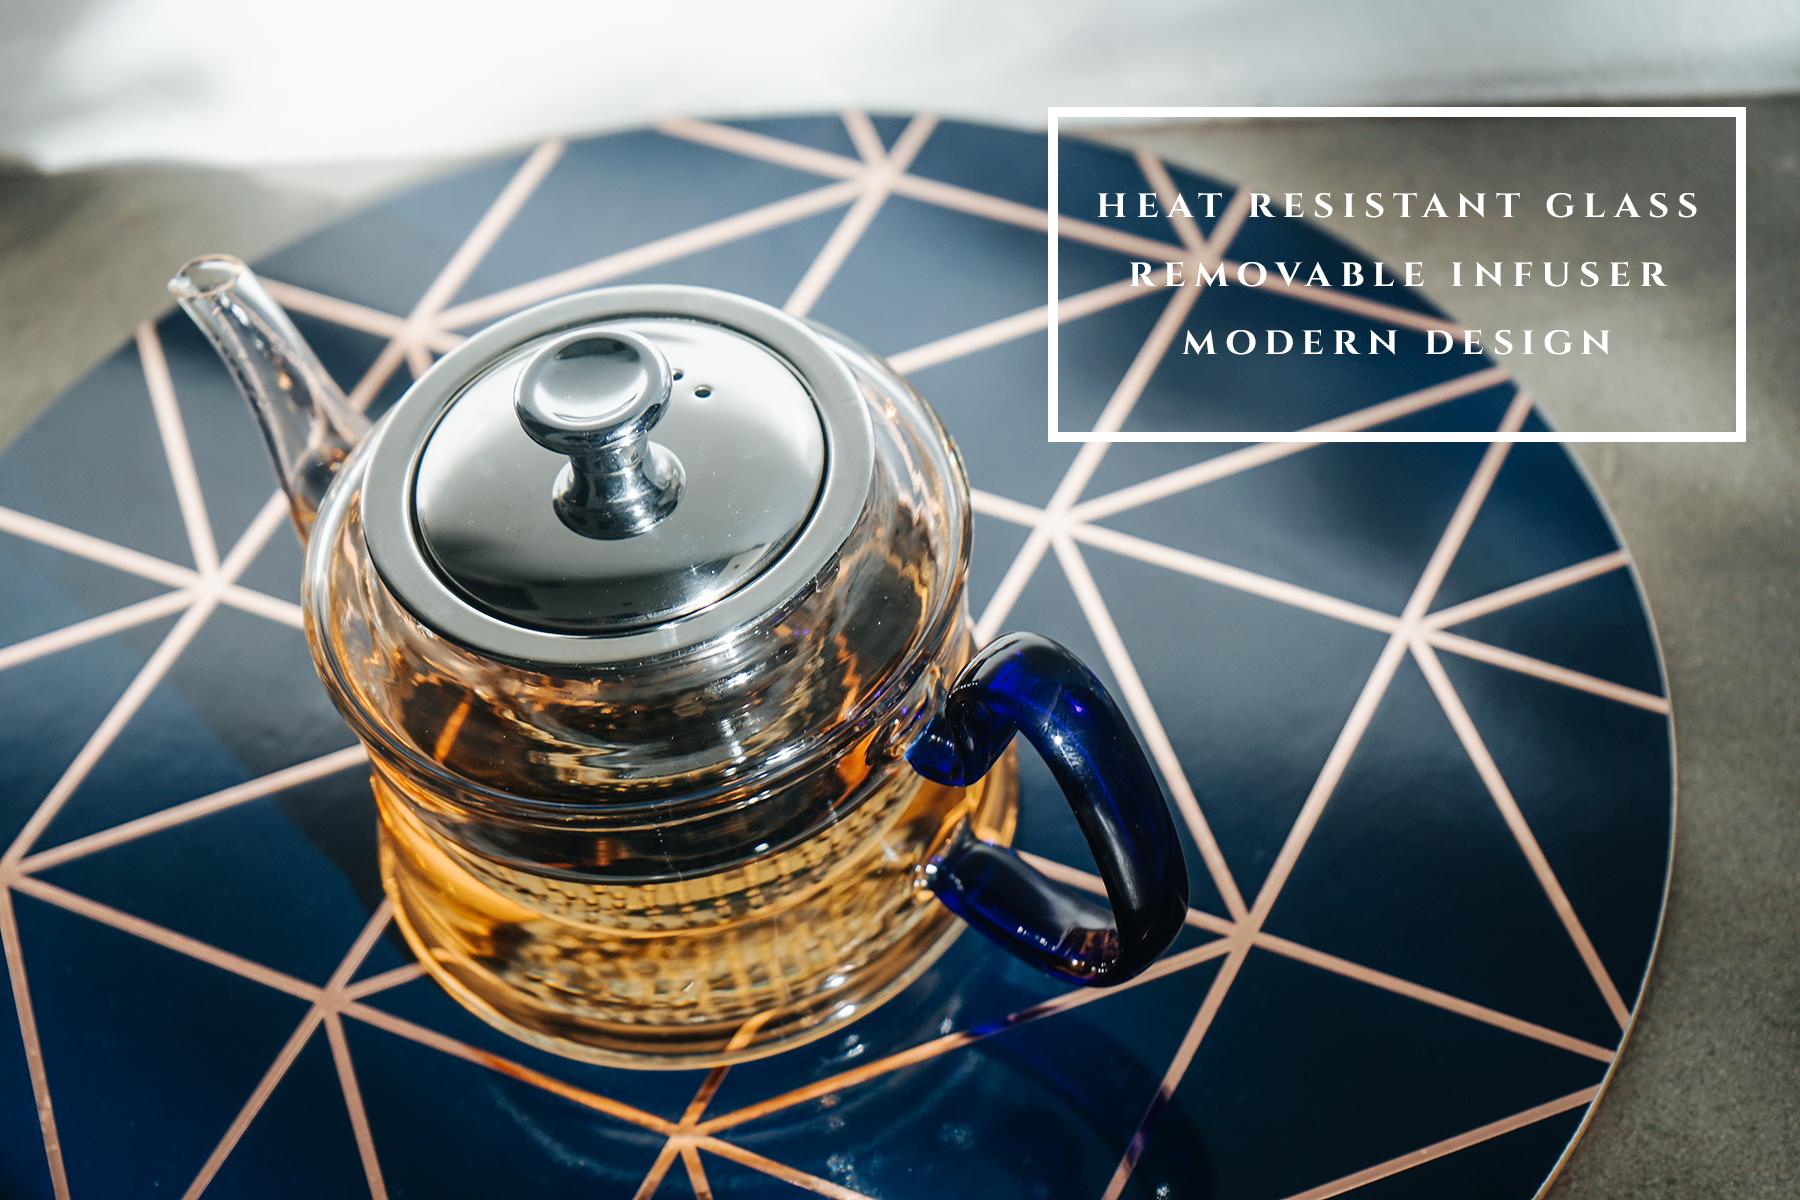 PB103_กา น้ำ ชา แก้ว ใส ทนความร้อน t_1 copy